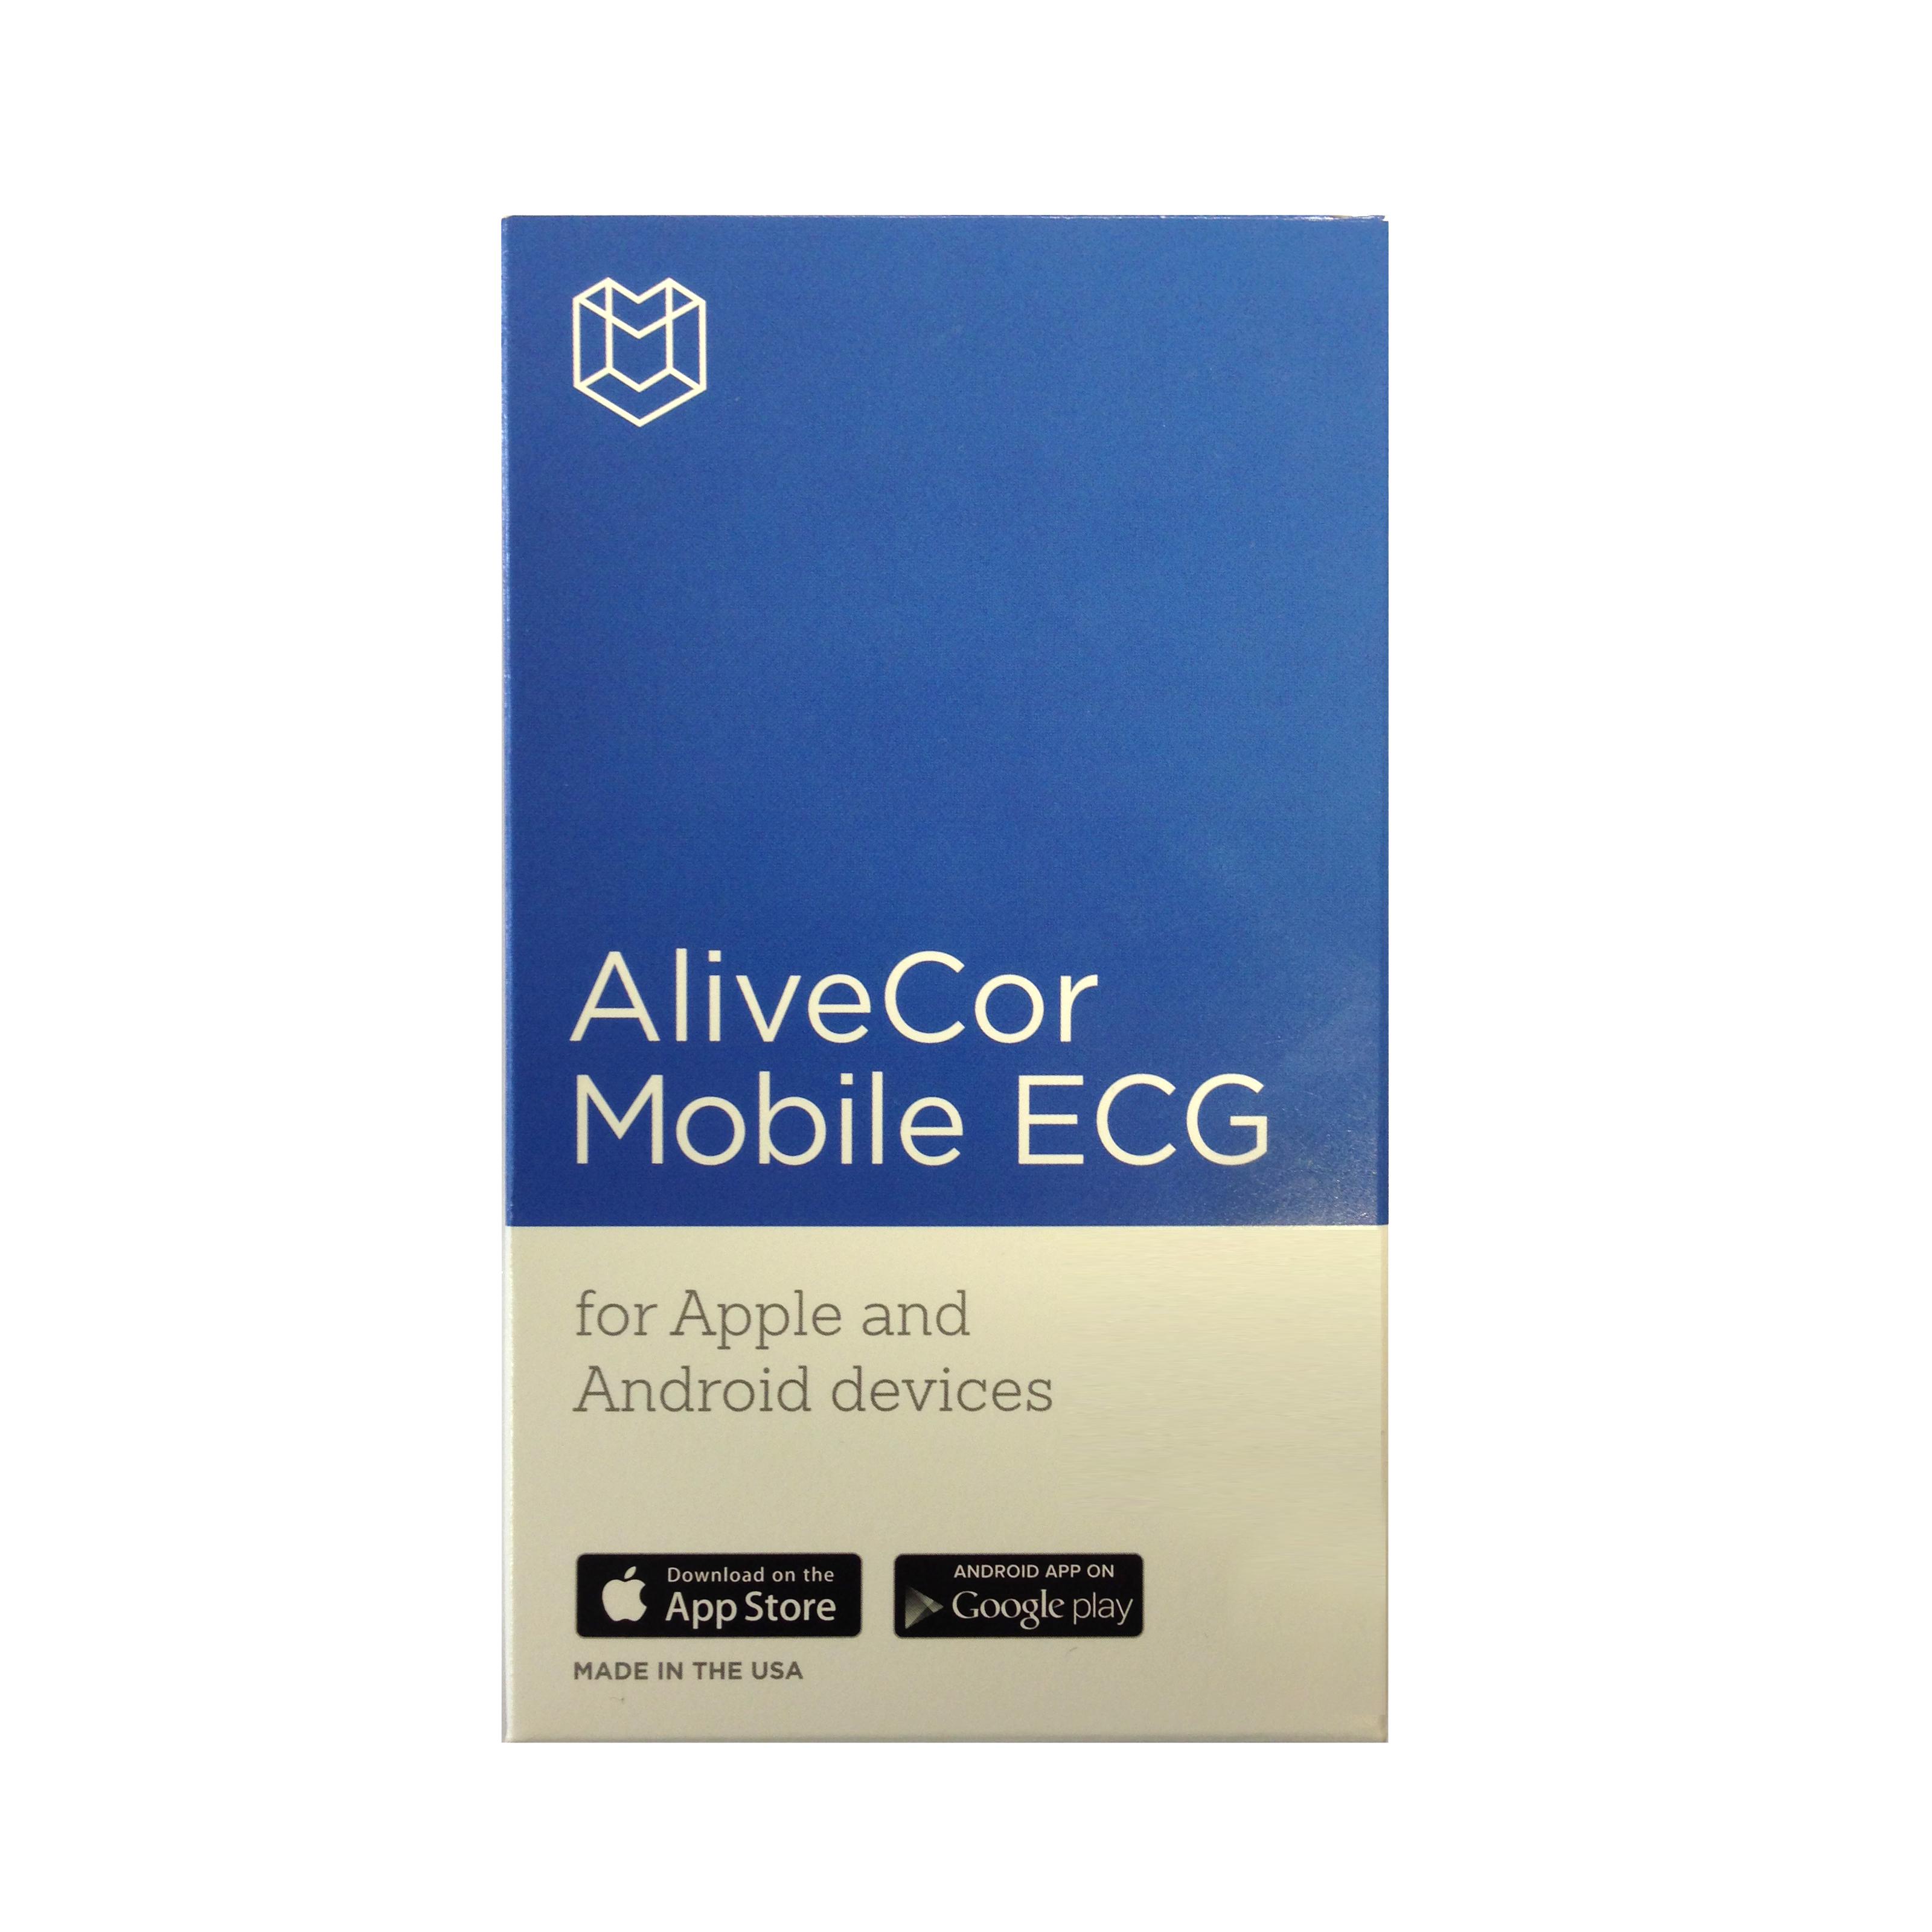 alivecor-01